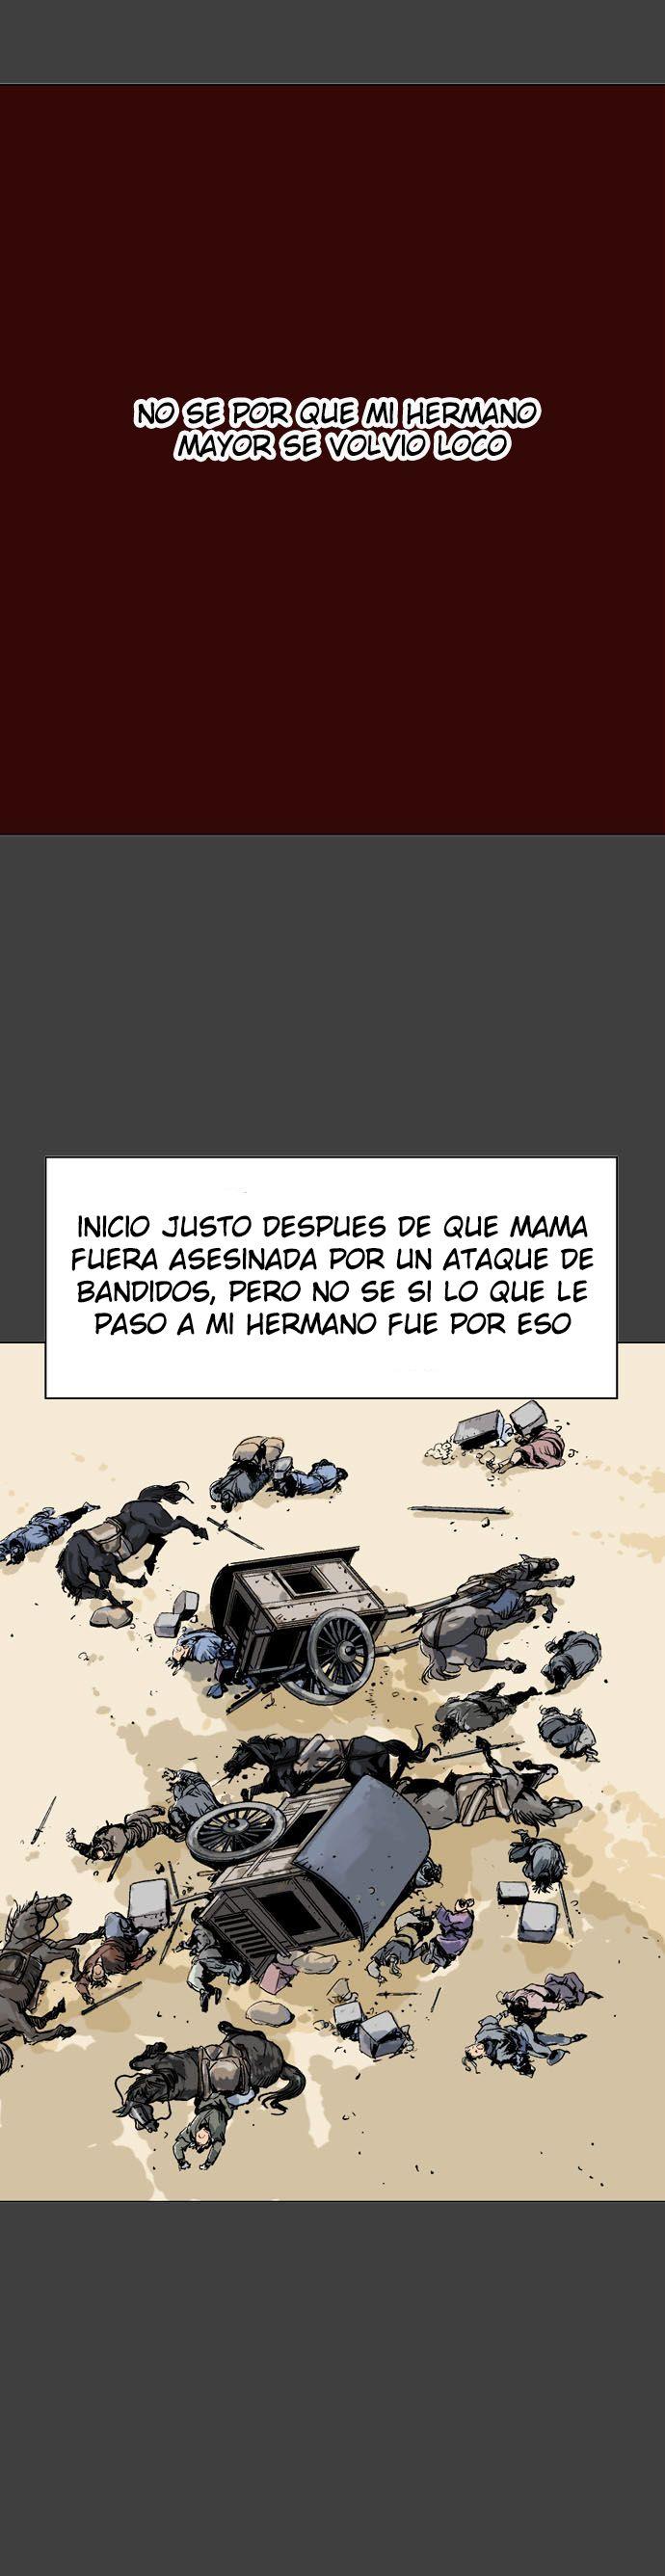 https://c5.ninemanga.com/es_manga/pic2/9/18249/523635/e6cf5cf38b21b845e05edc33689f8d70.jpg Page 9